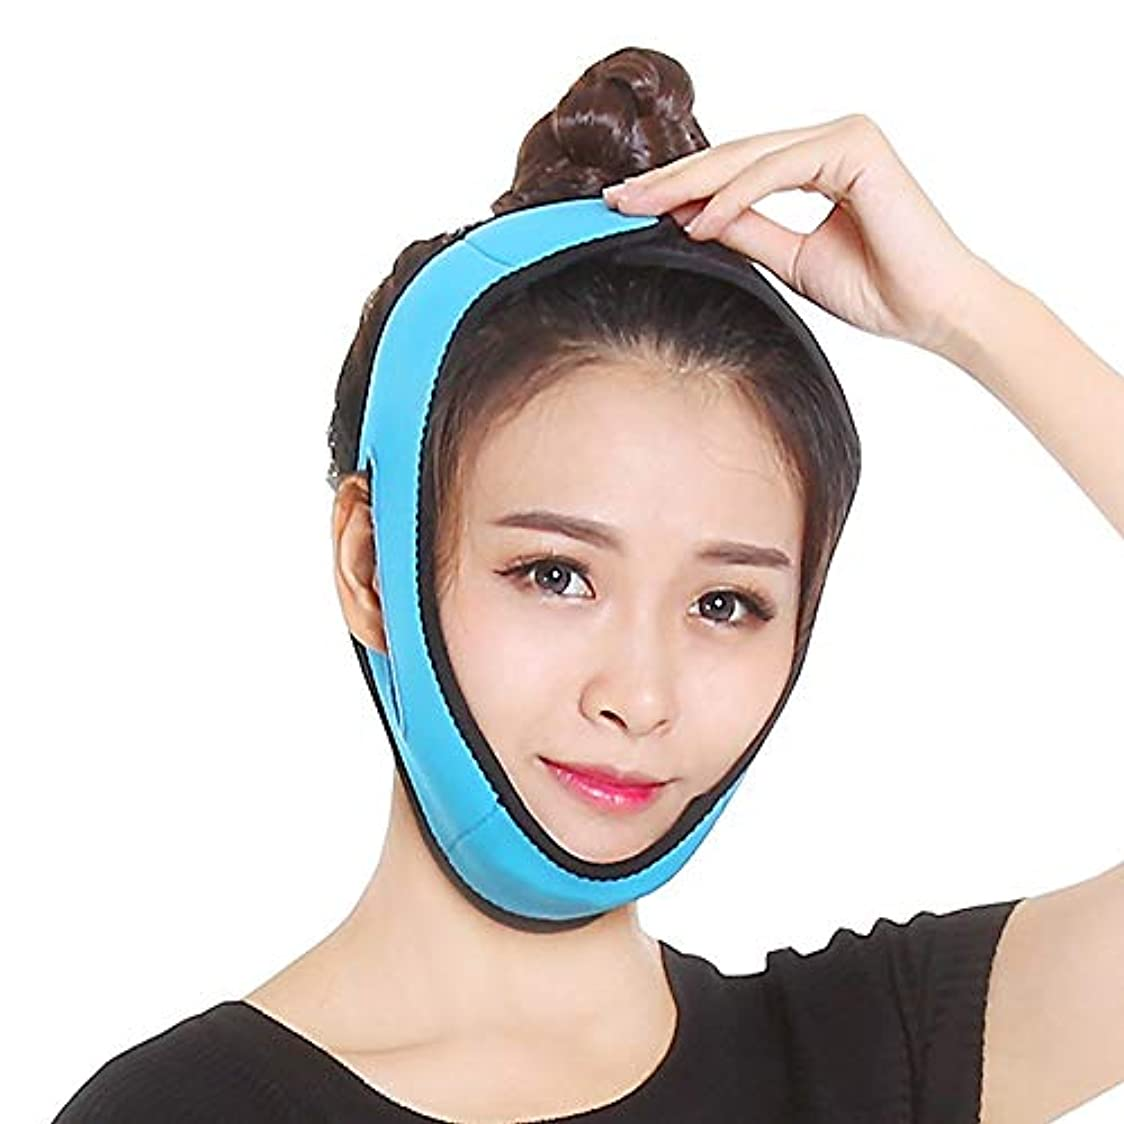 名誉の集団的Jia Jia- フェイシャルリフティングスリミングベルト - 薄いフェイス包帯二重あごデバイス無料フェイシャルマッサージ整形マスクを引き締める顔と首の顔スリム 顔面包帯